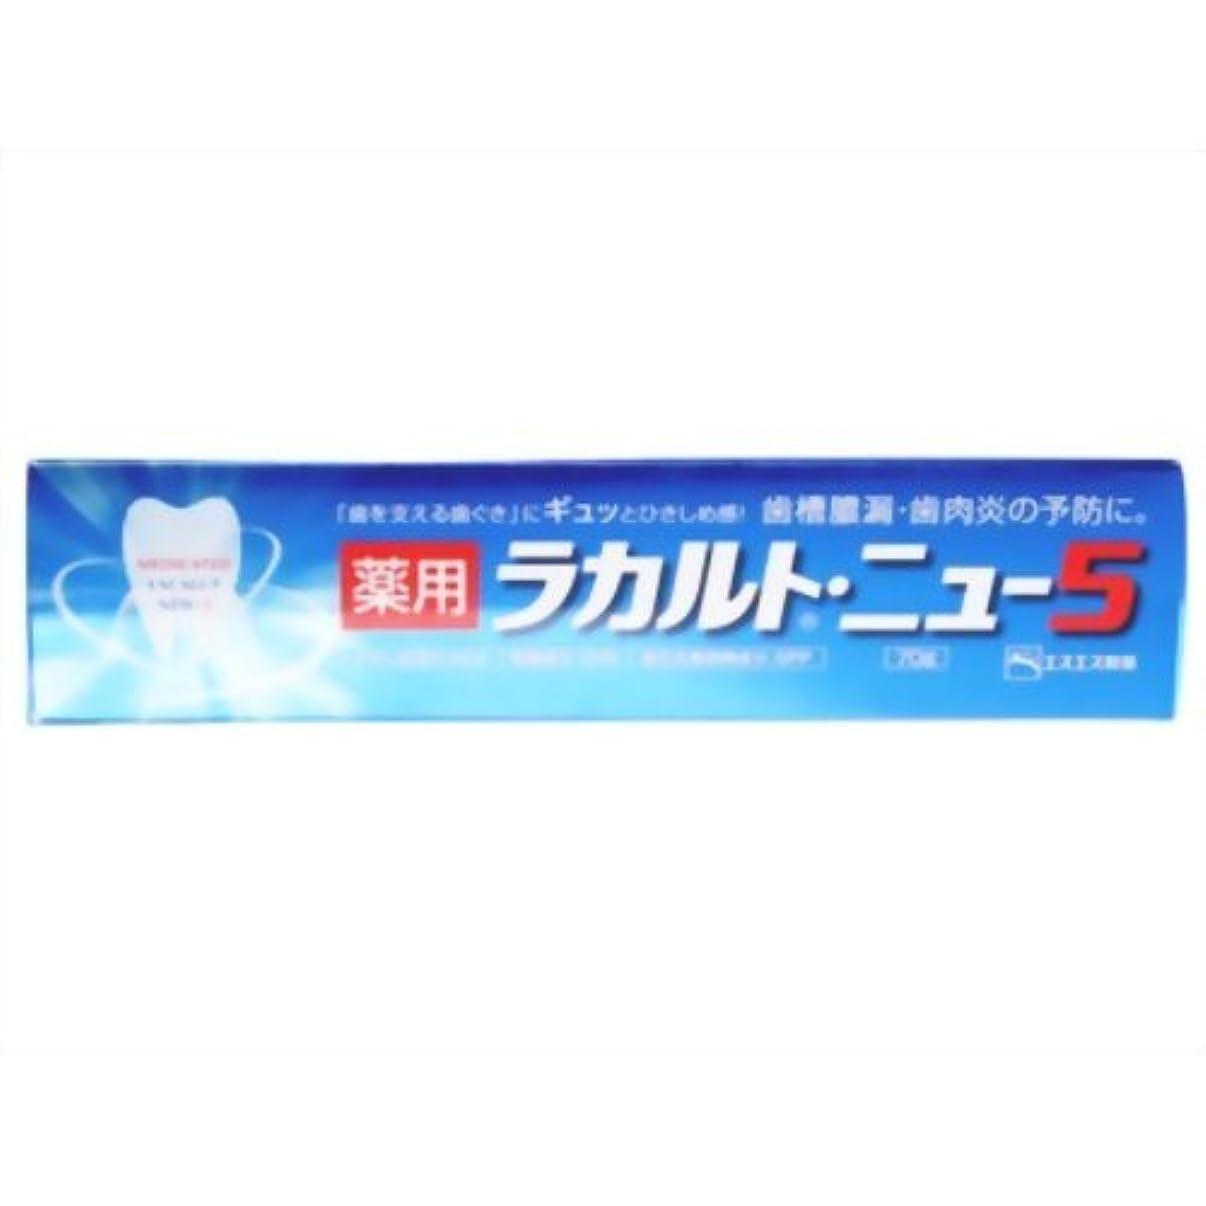 【エスエス製薬】薬用ラカルト?ニュー5 70g ×3個セット